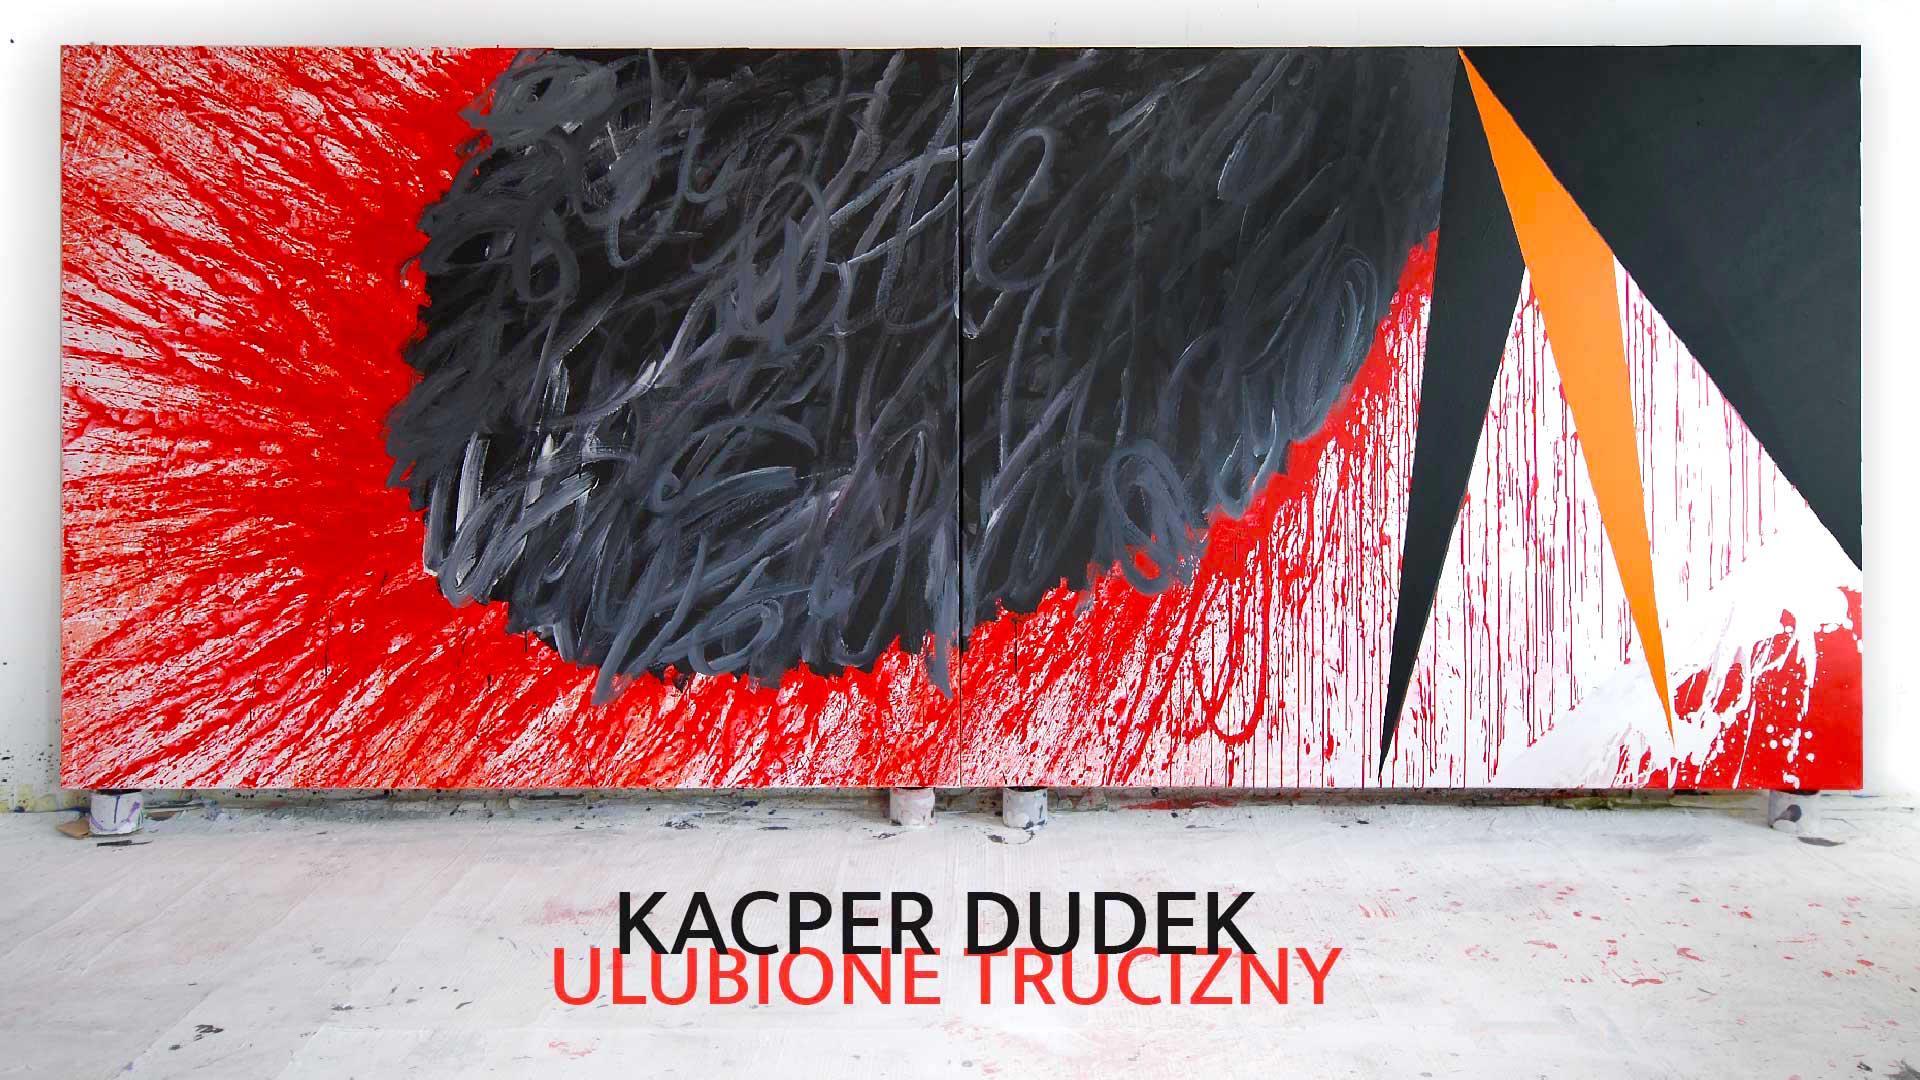 baner-facebook_RED_ulubione-trucizny-wystawa